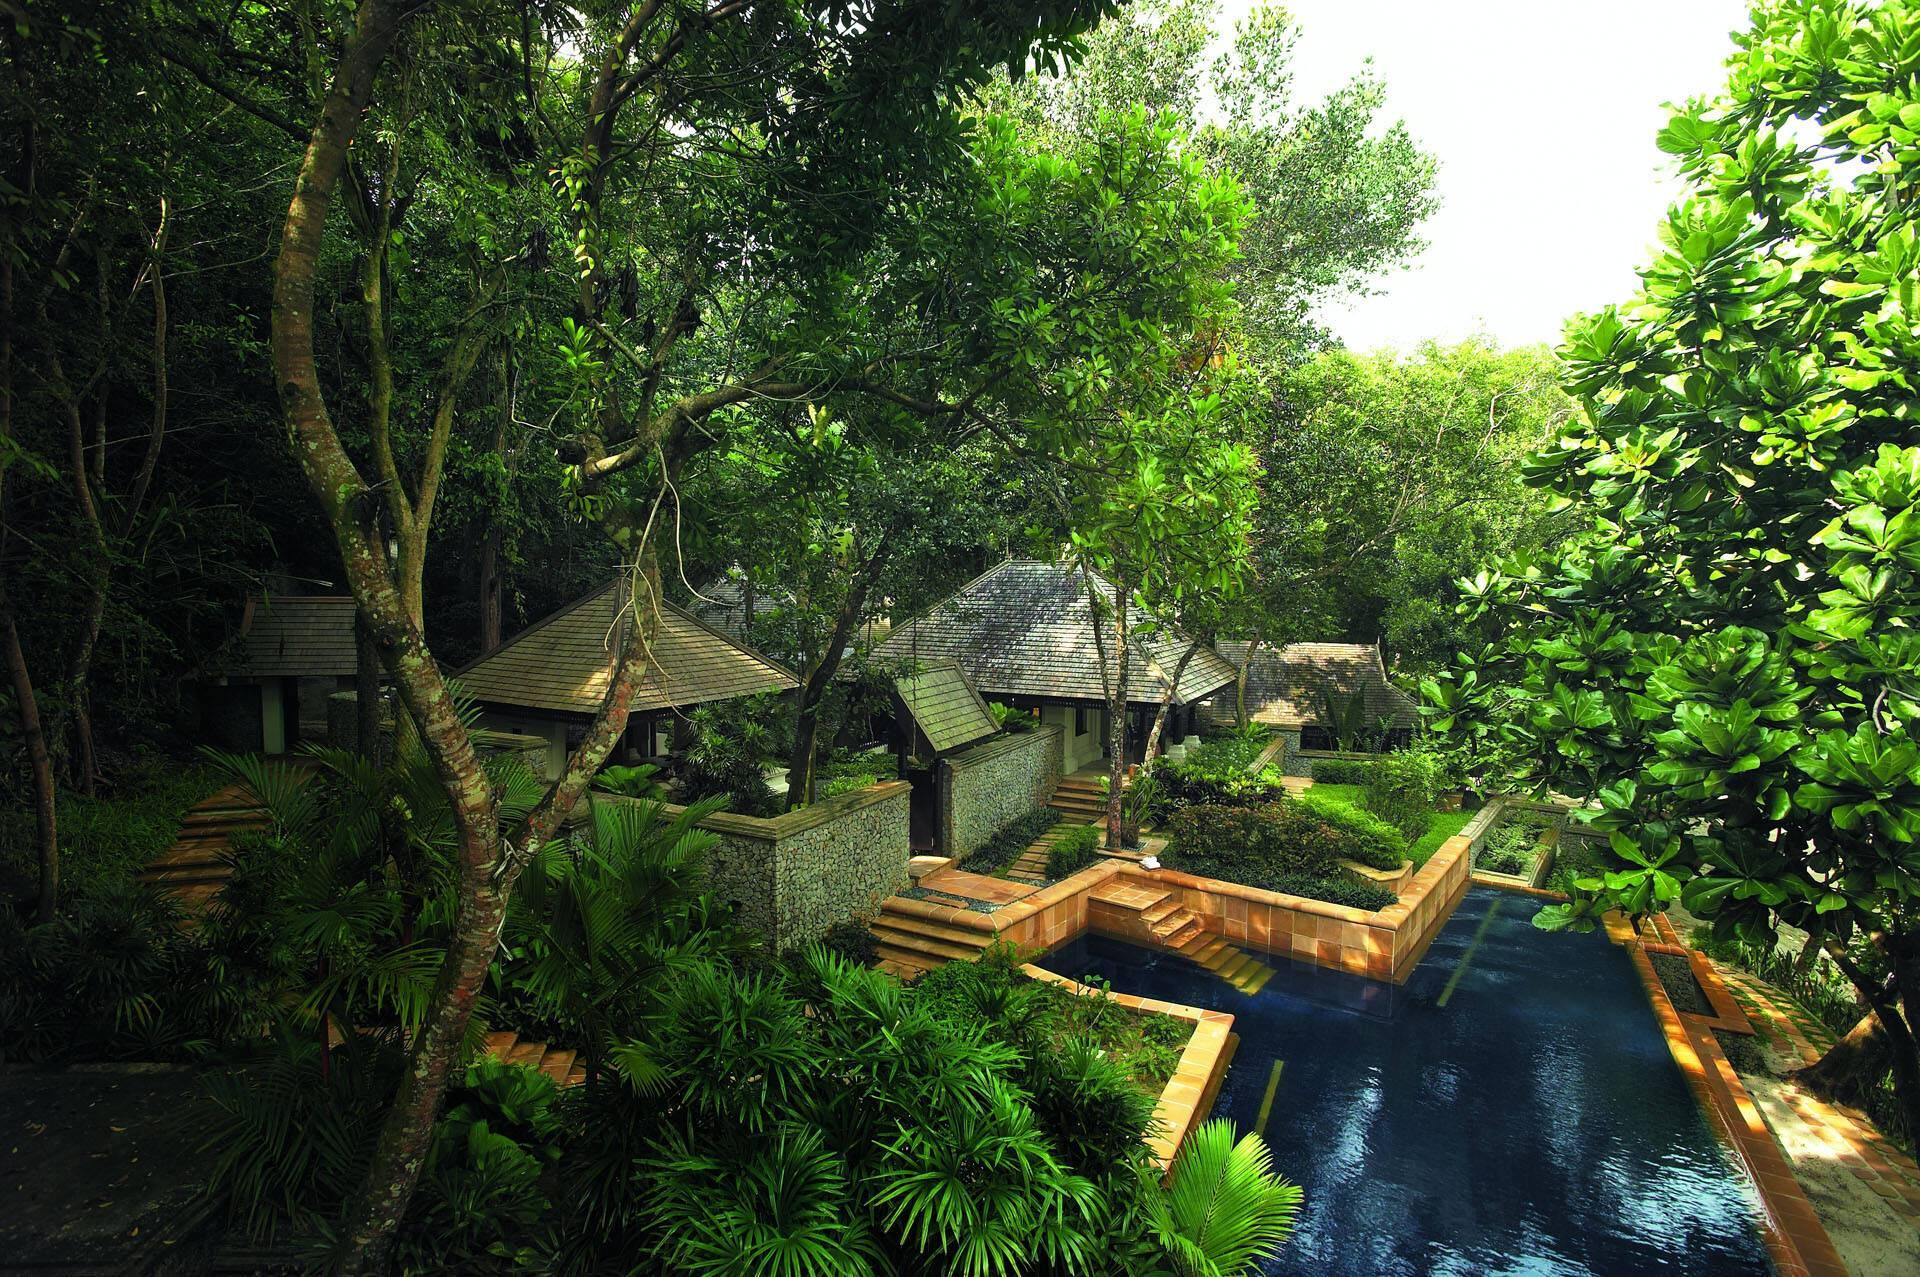 Pangkor Laut Resort Malaisie Estate One